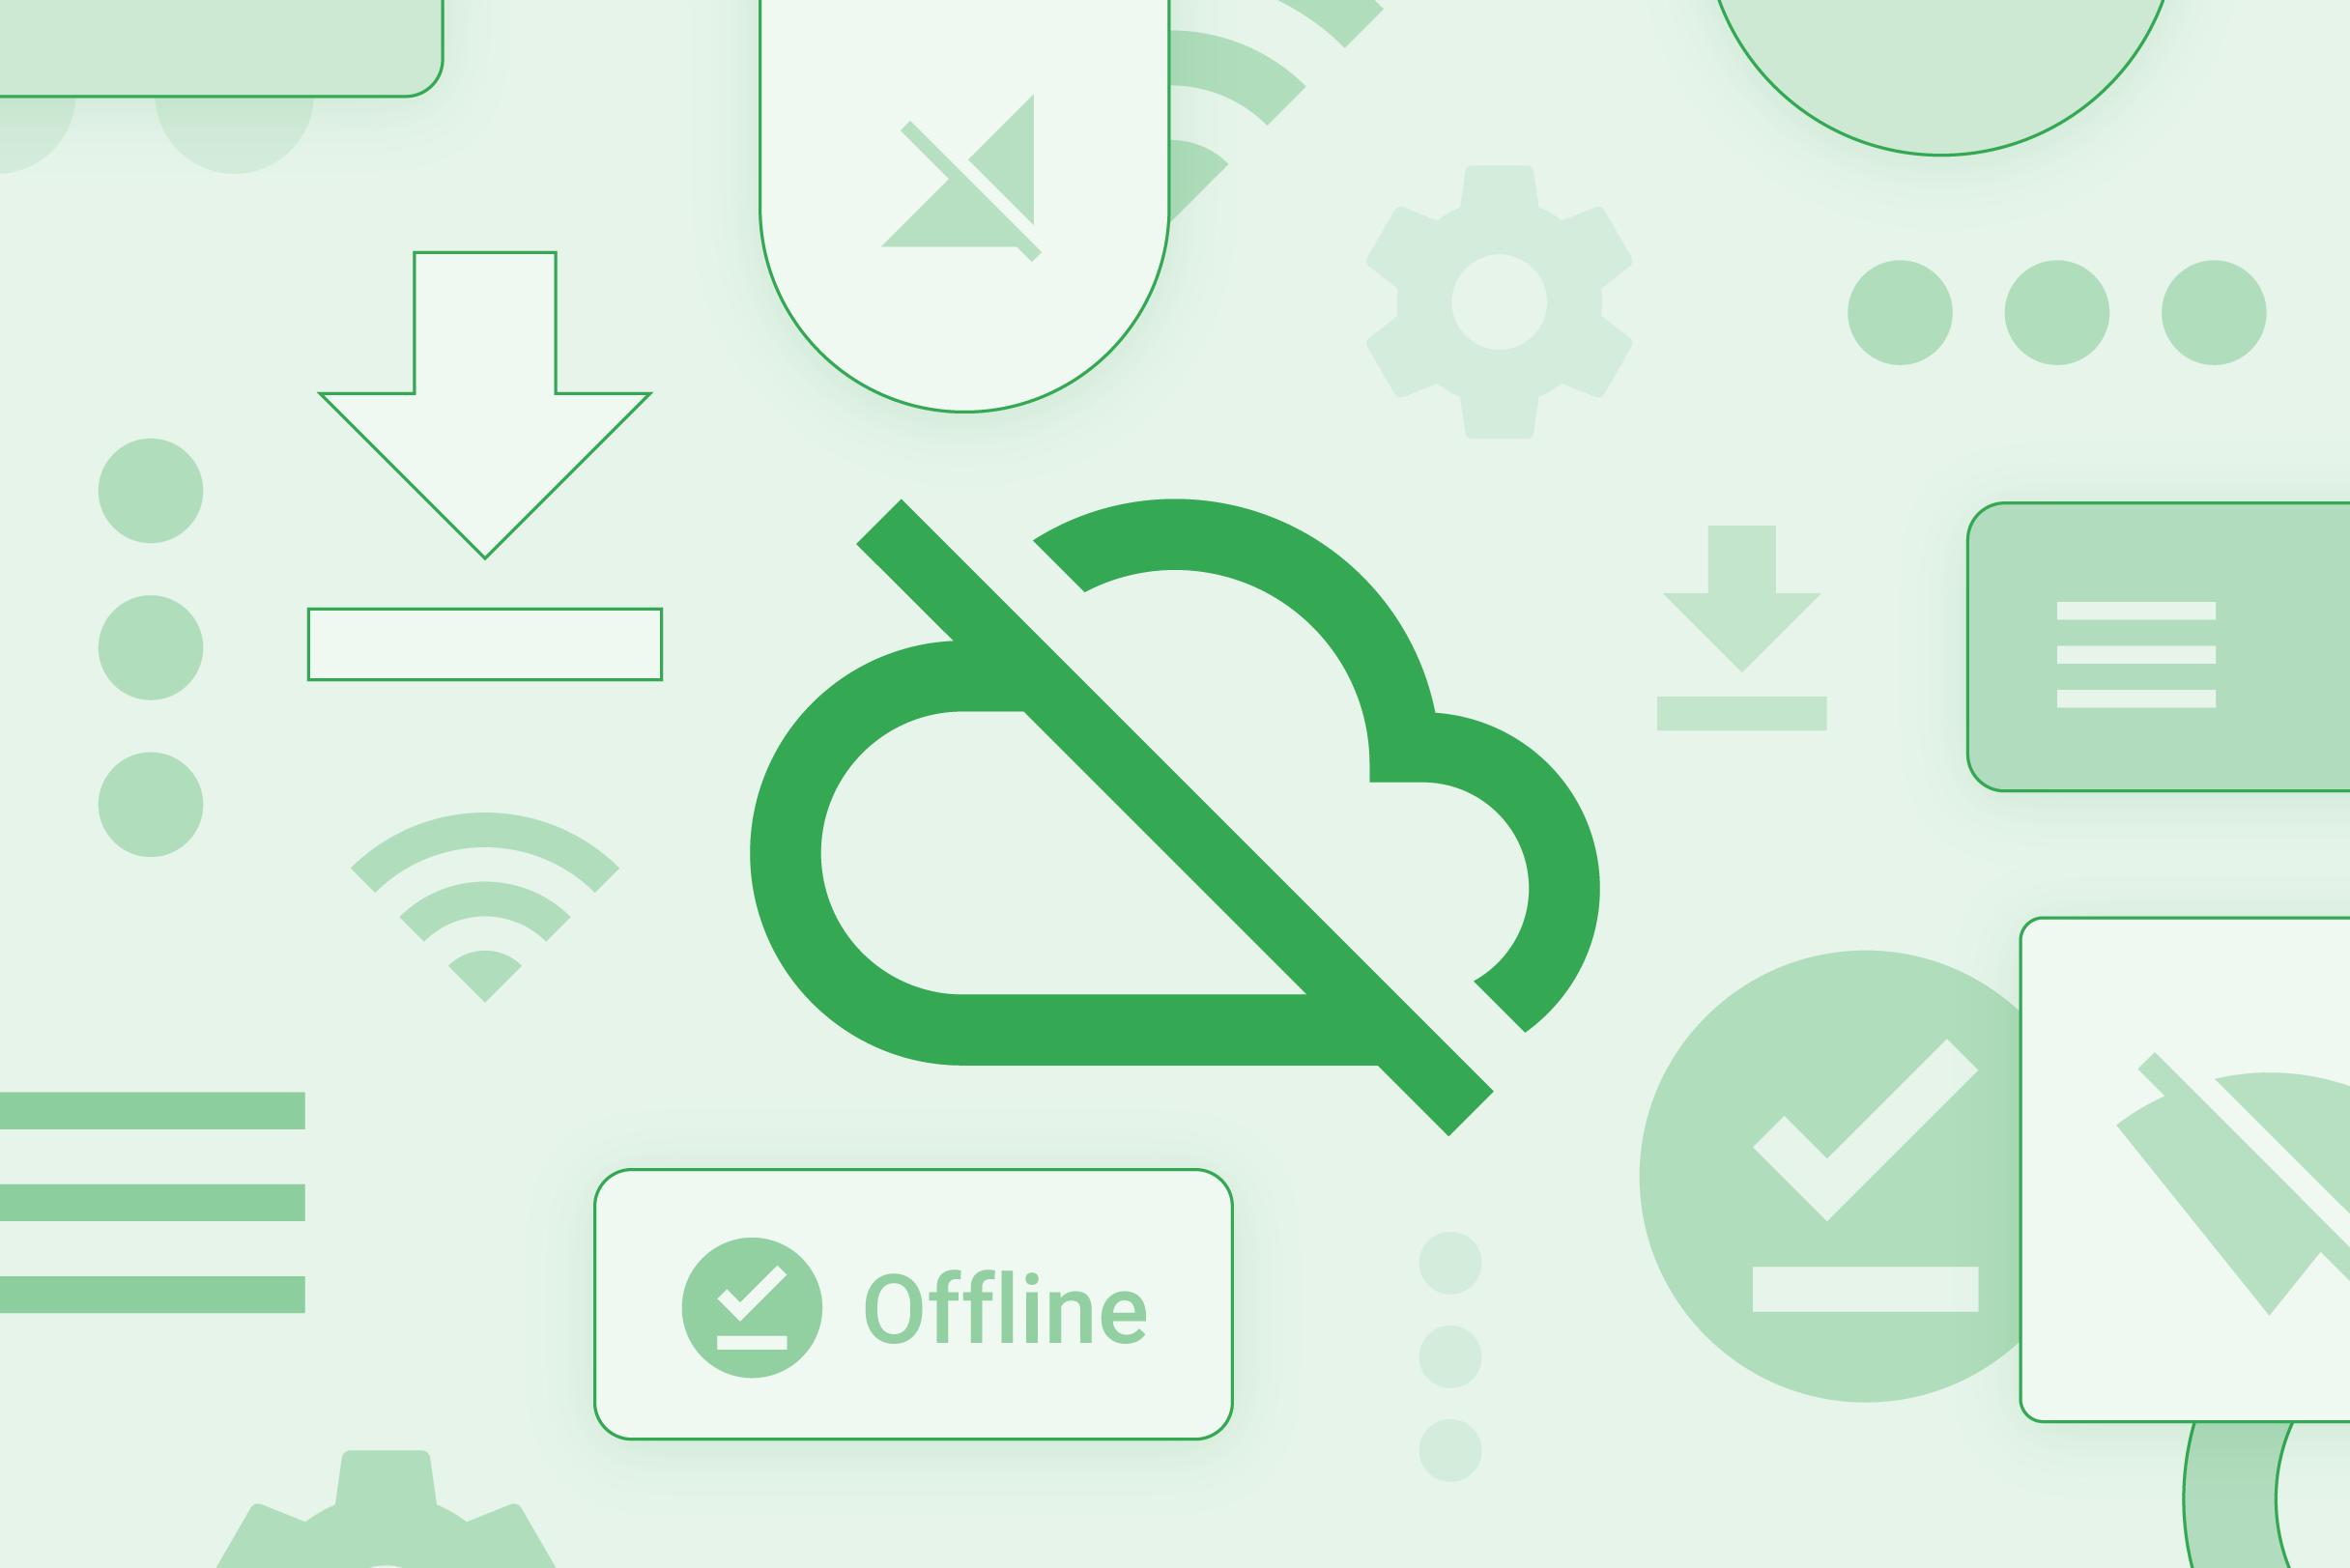 Offline-states_3x2